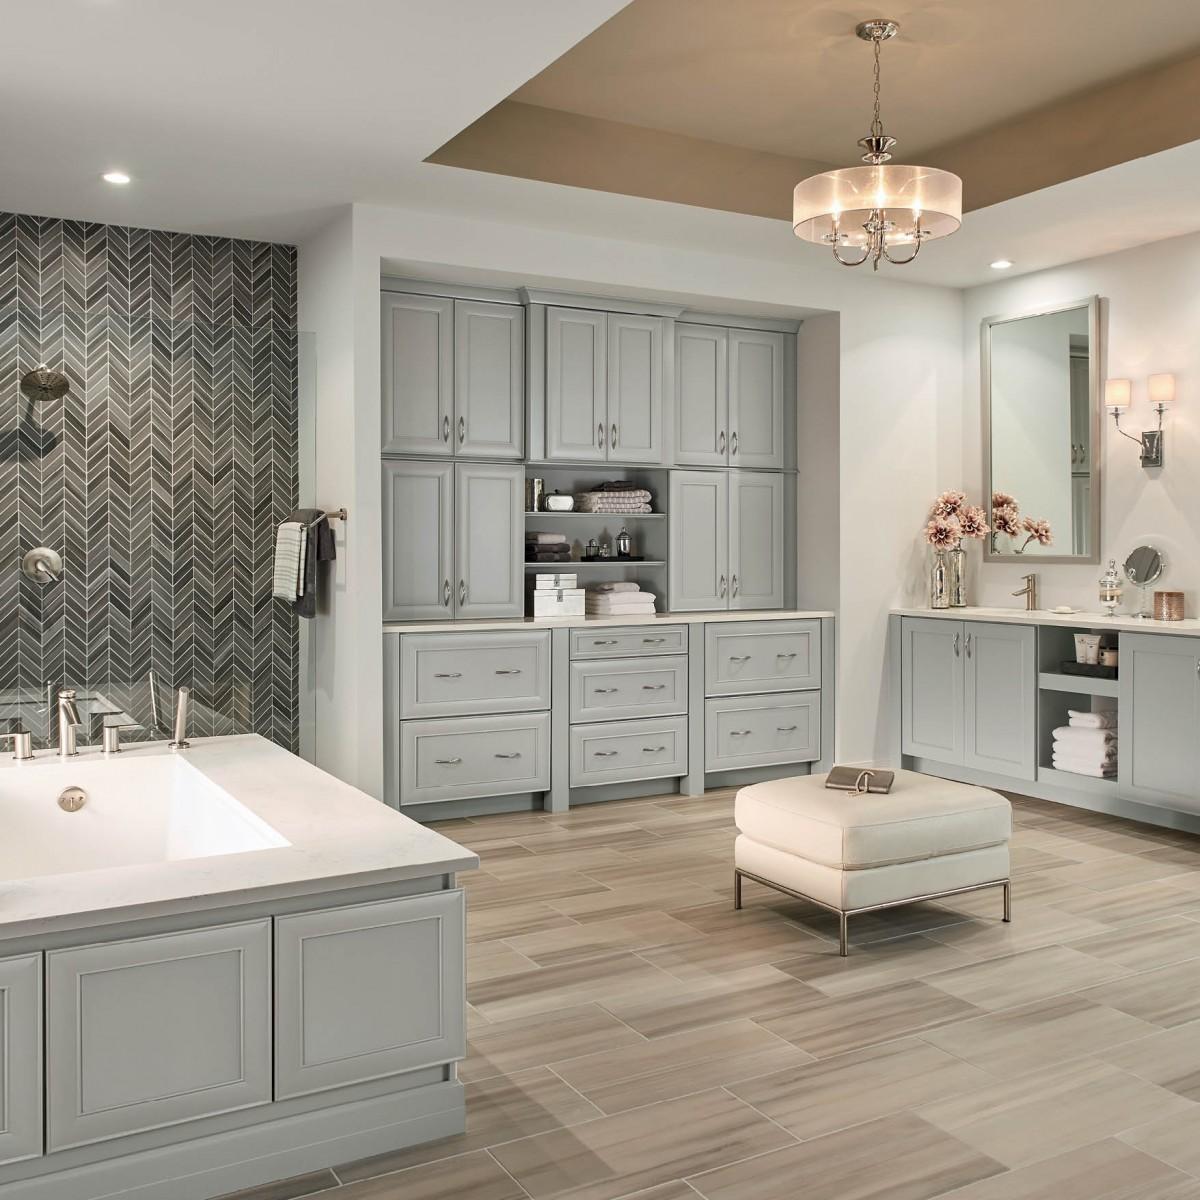 Bathroom Remodel Return On Investment: Design Insights